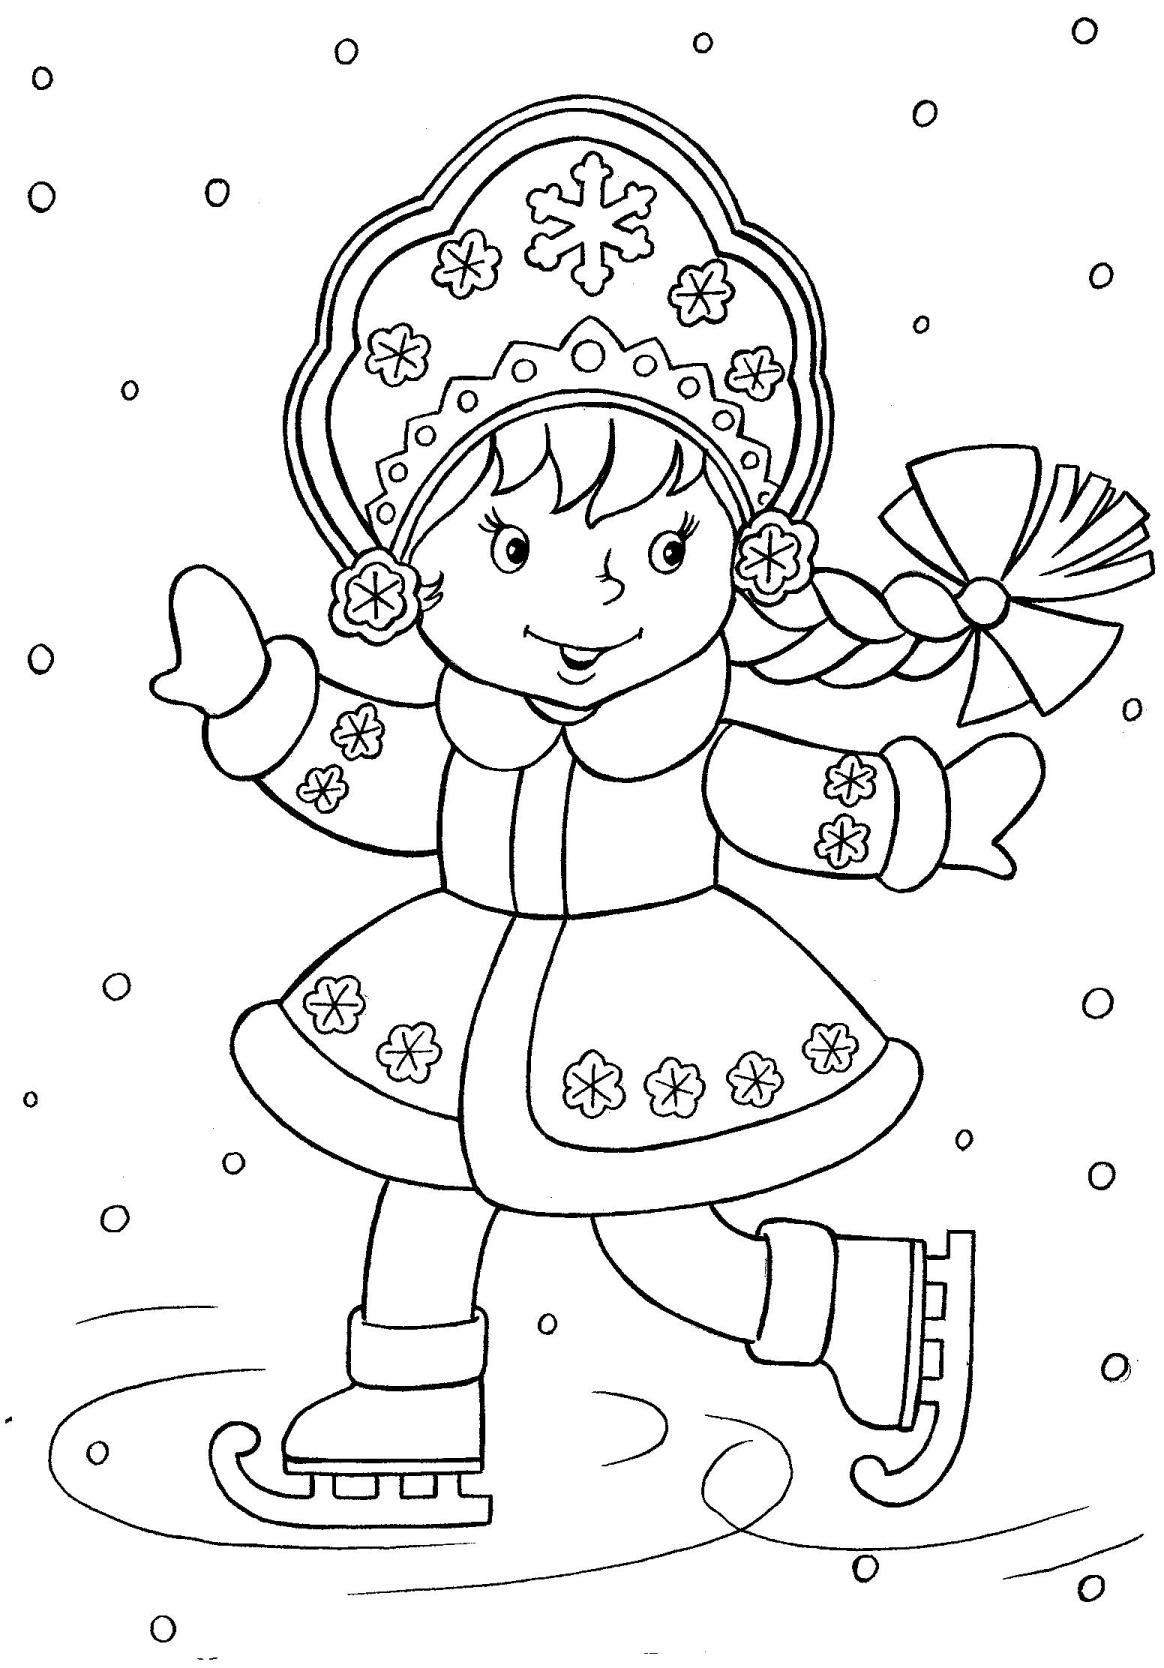 Раскраска новогодние распечатать бесплатно